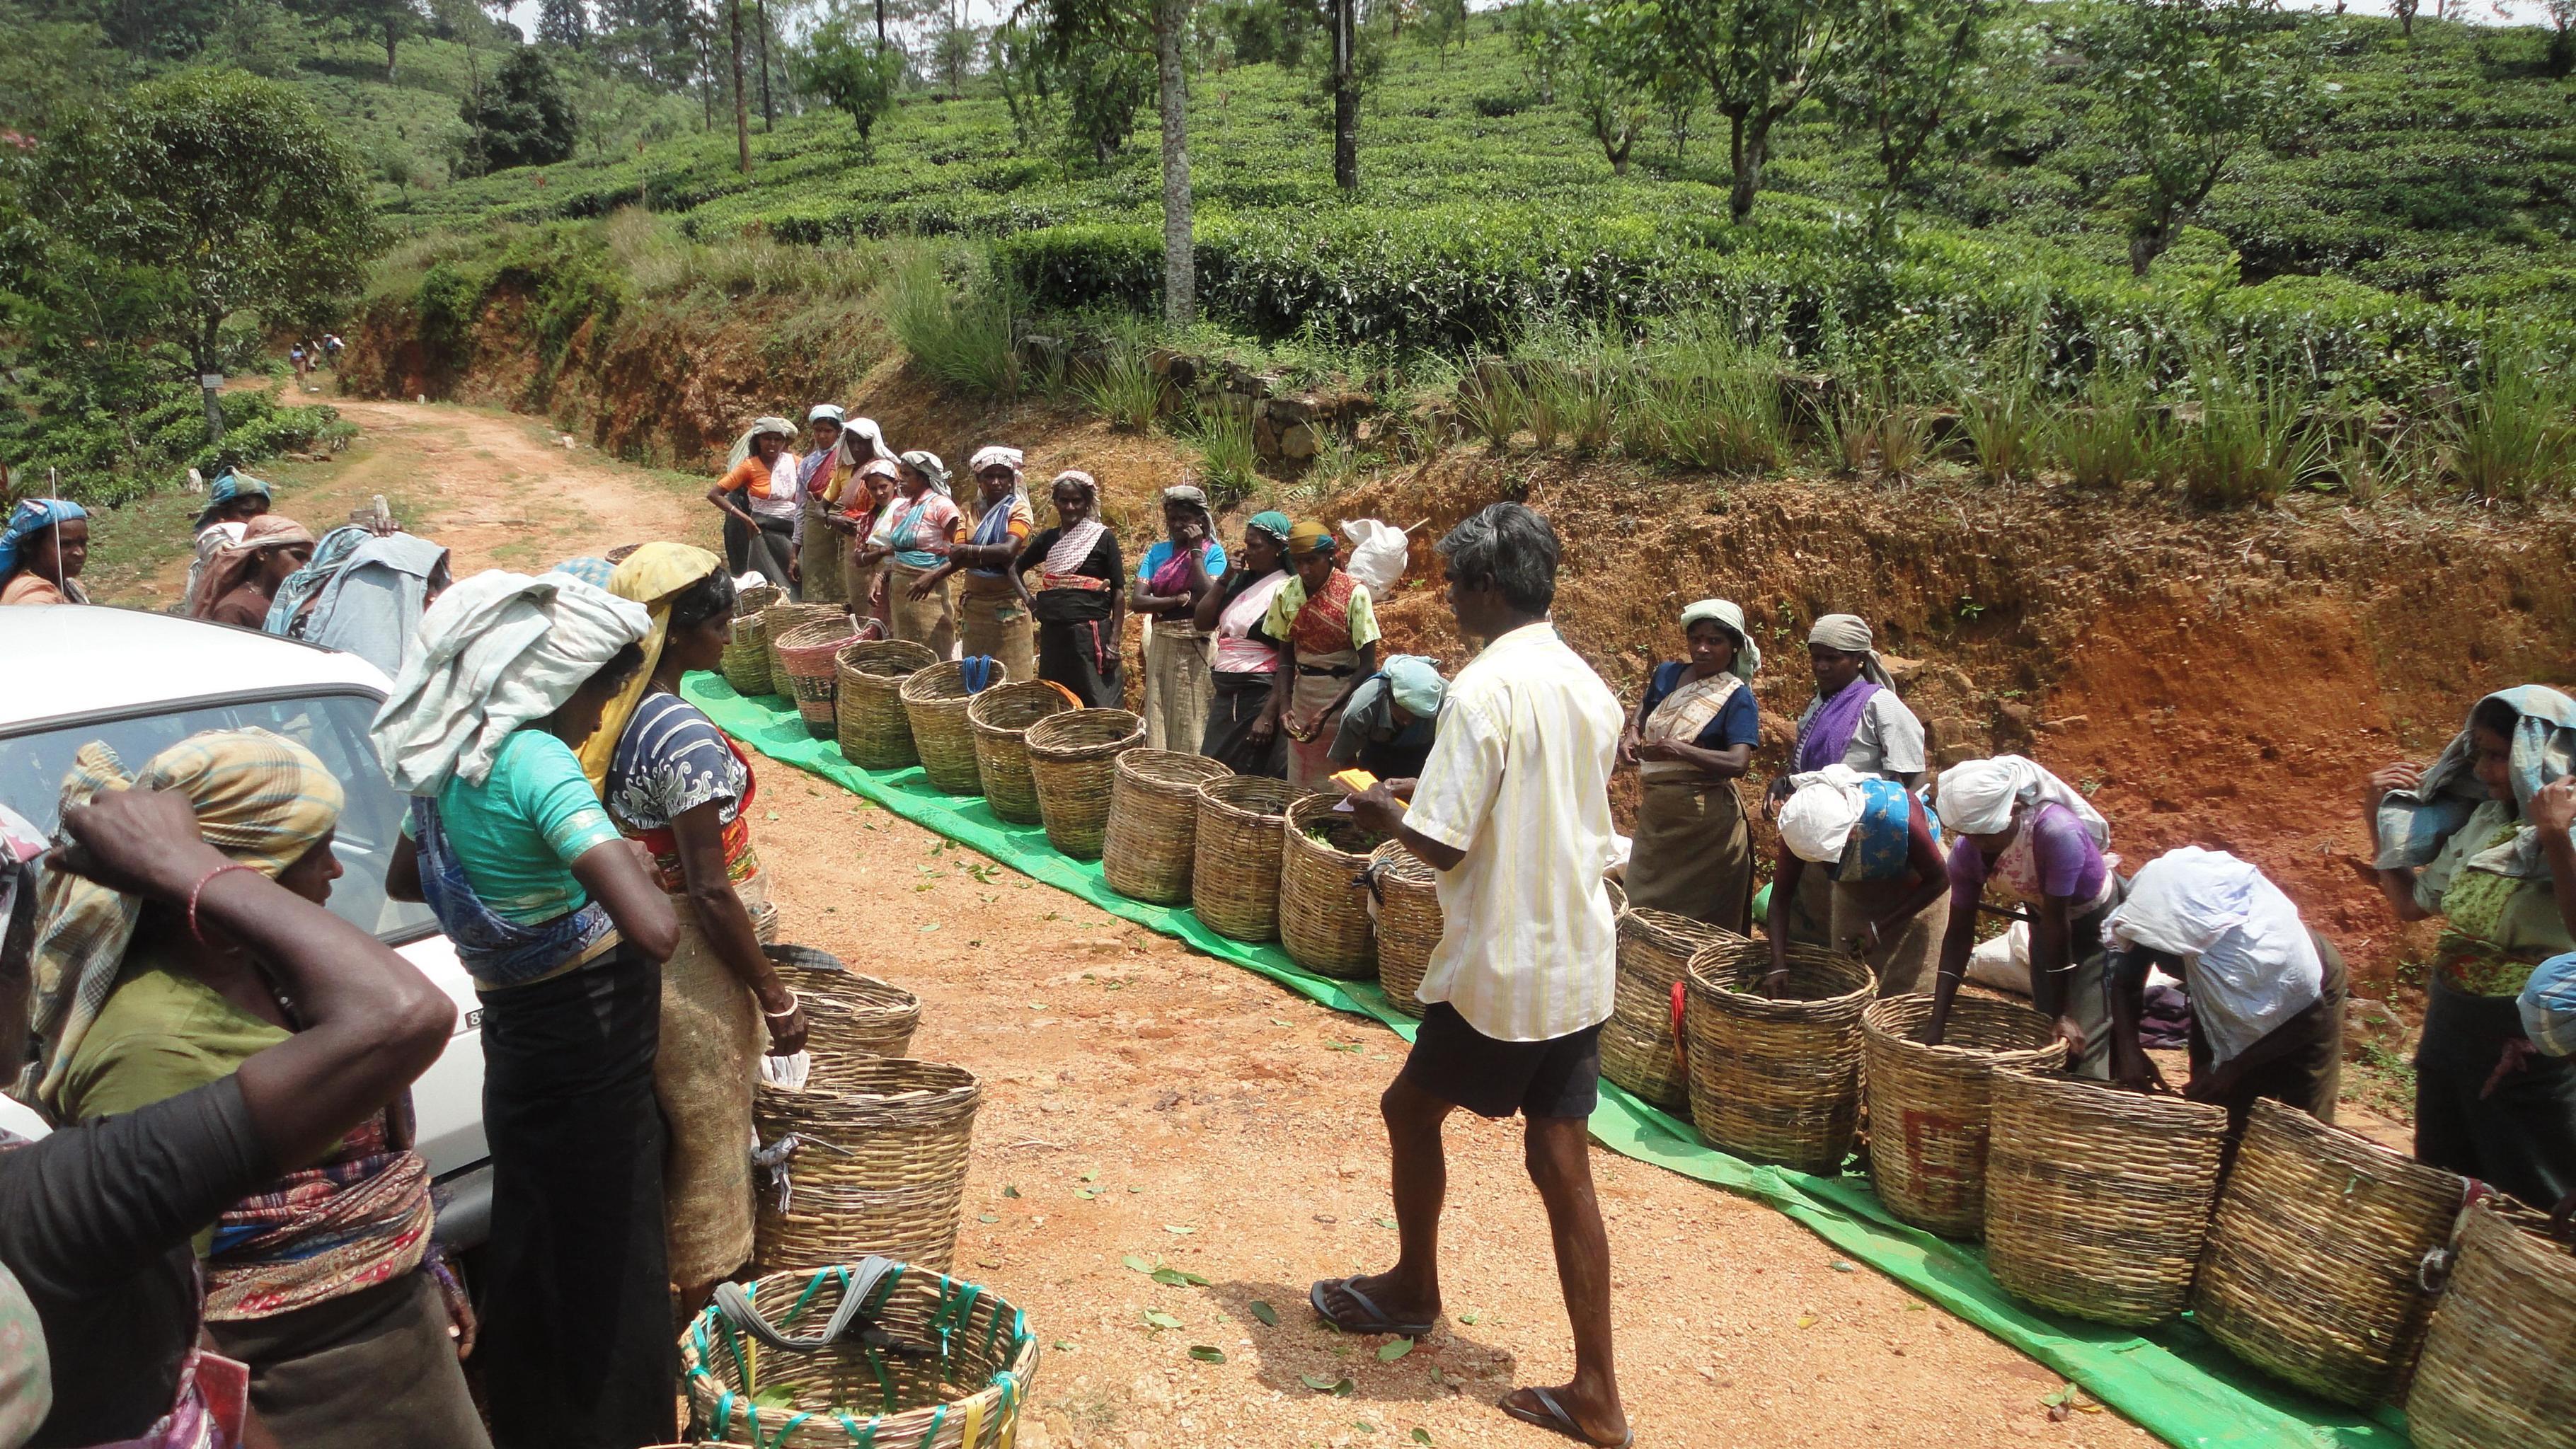 Plantagenarbeiterinnen warten, um ihre gepflückten Teeblätter wiegen zu lassen.